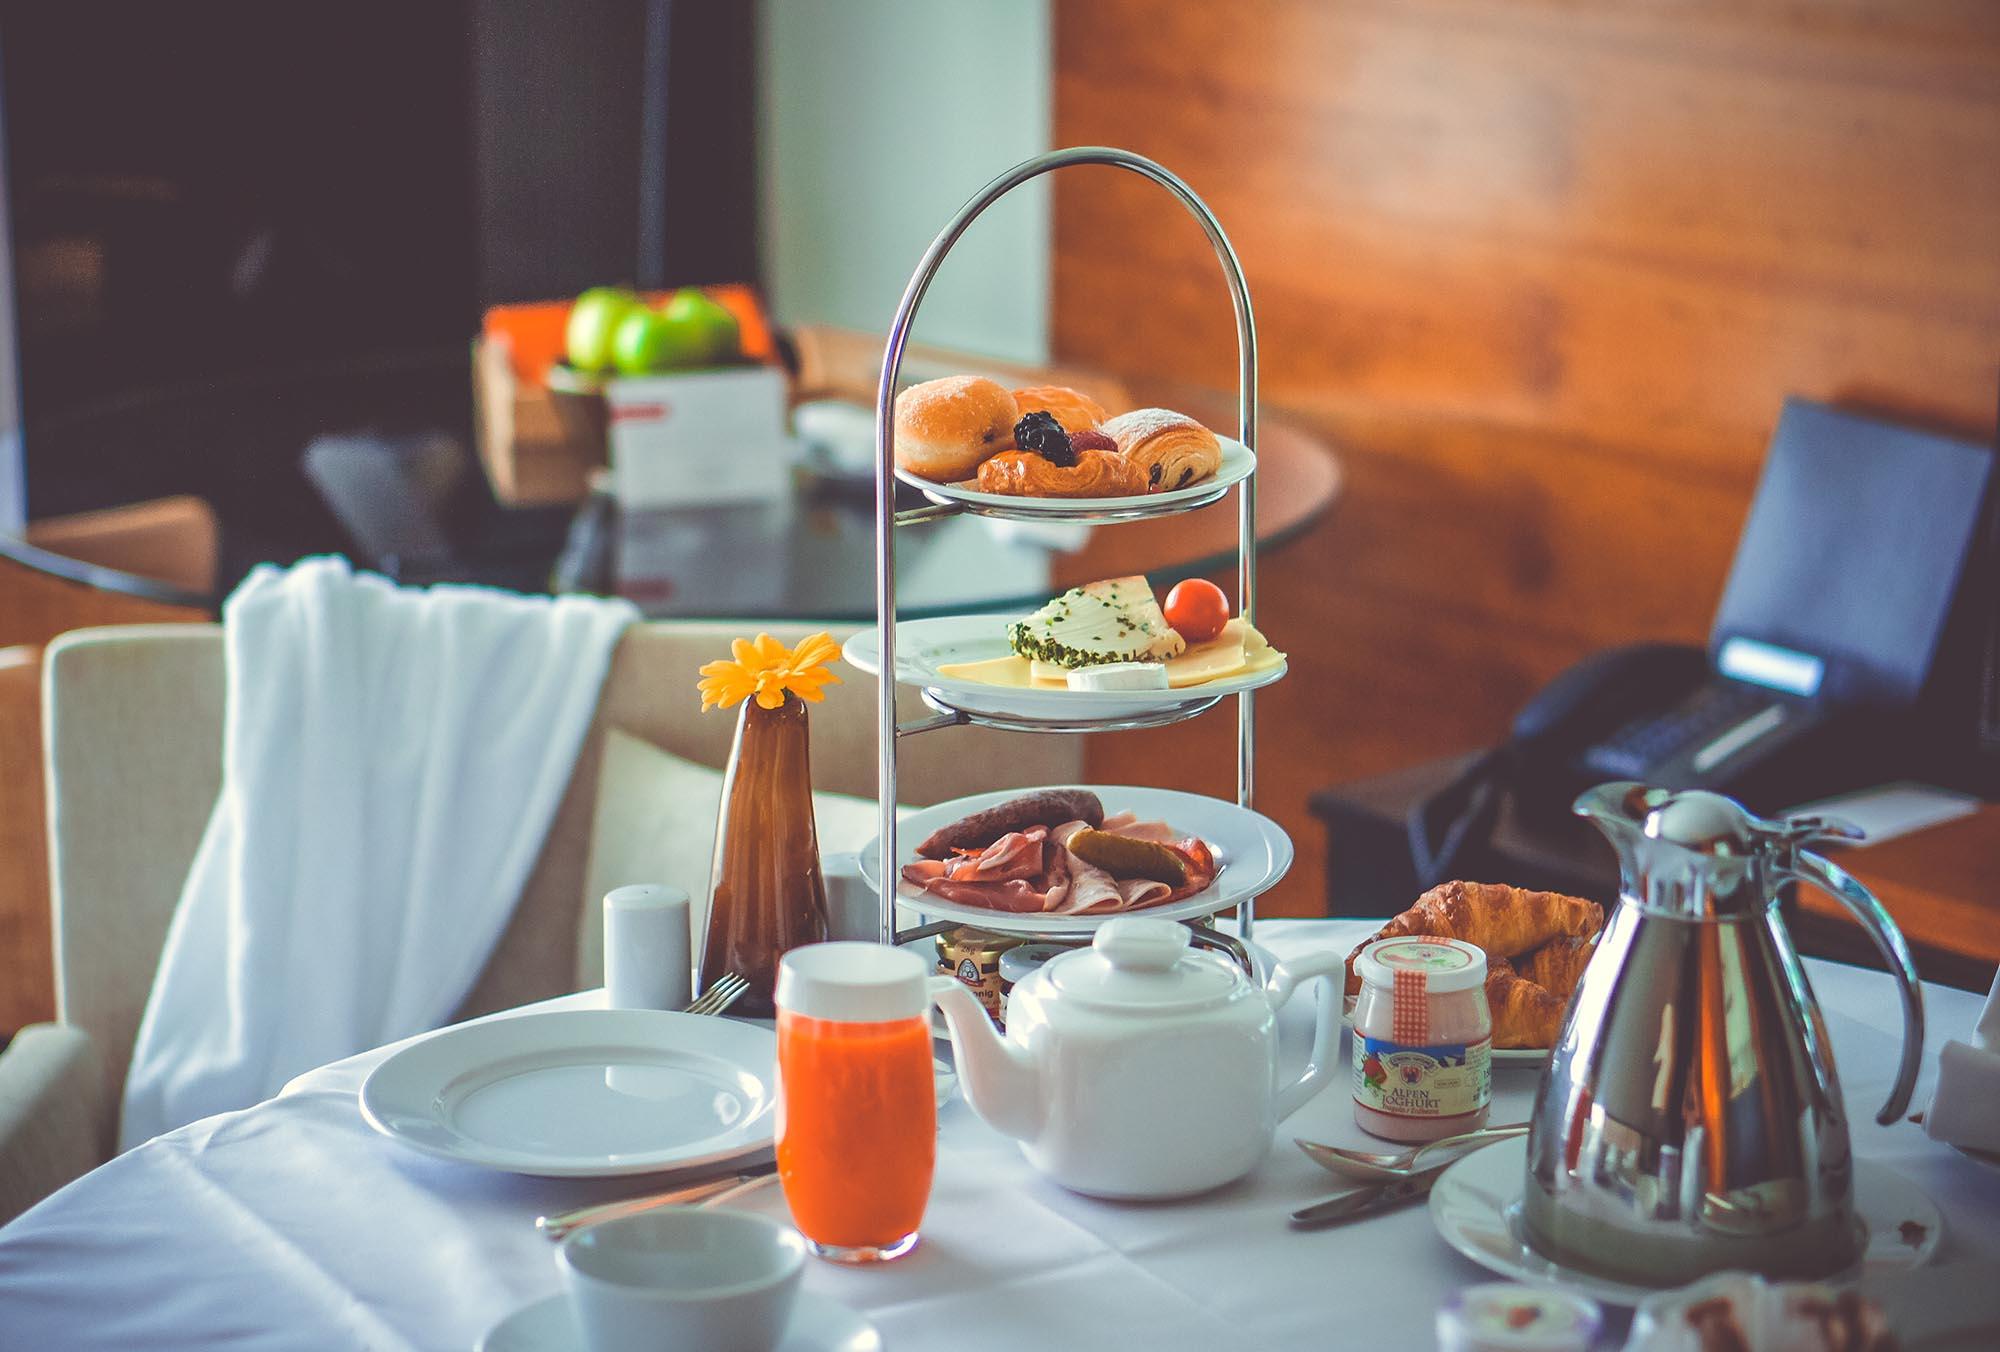 Frühstück: die wichtigste Mahlzeit des Tages oder Erfindung der Lebensmittelindustrie? Muss man überhaupt frühstücken, um gesund zu sein?